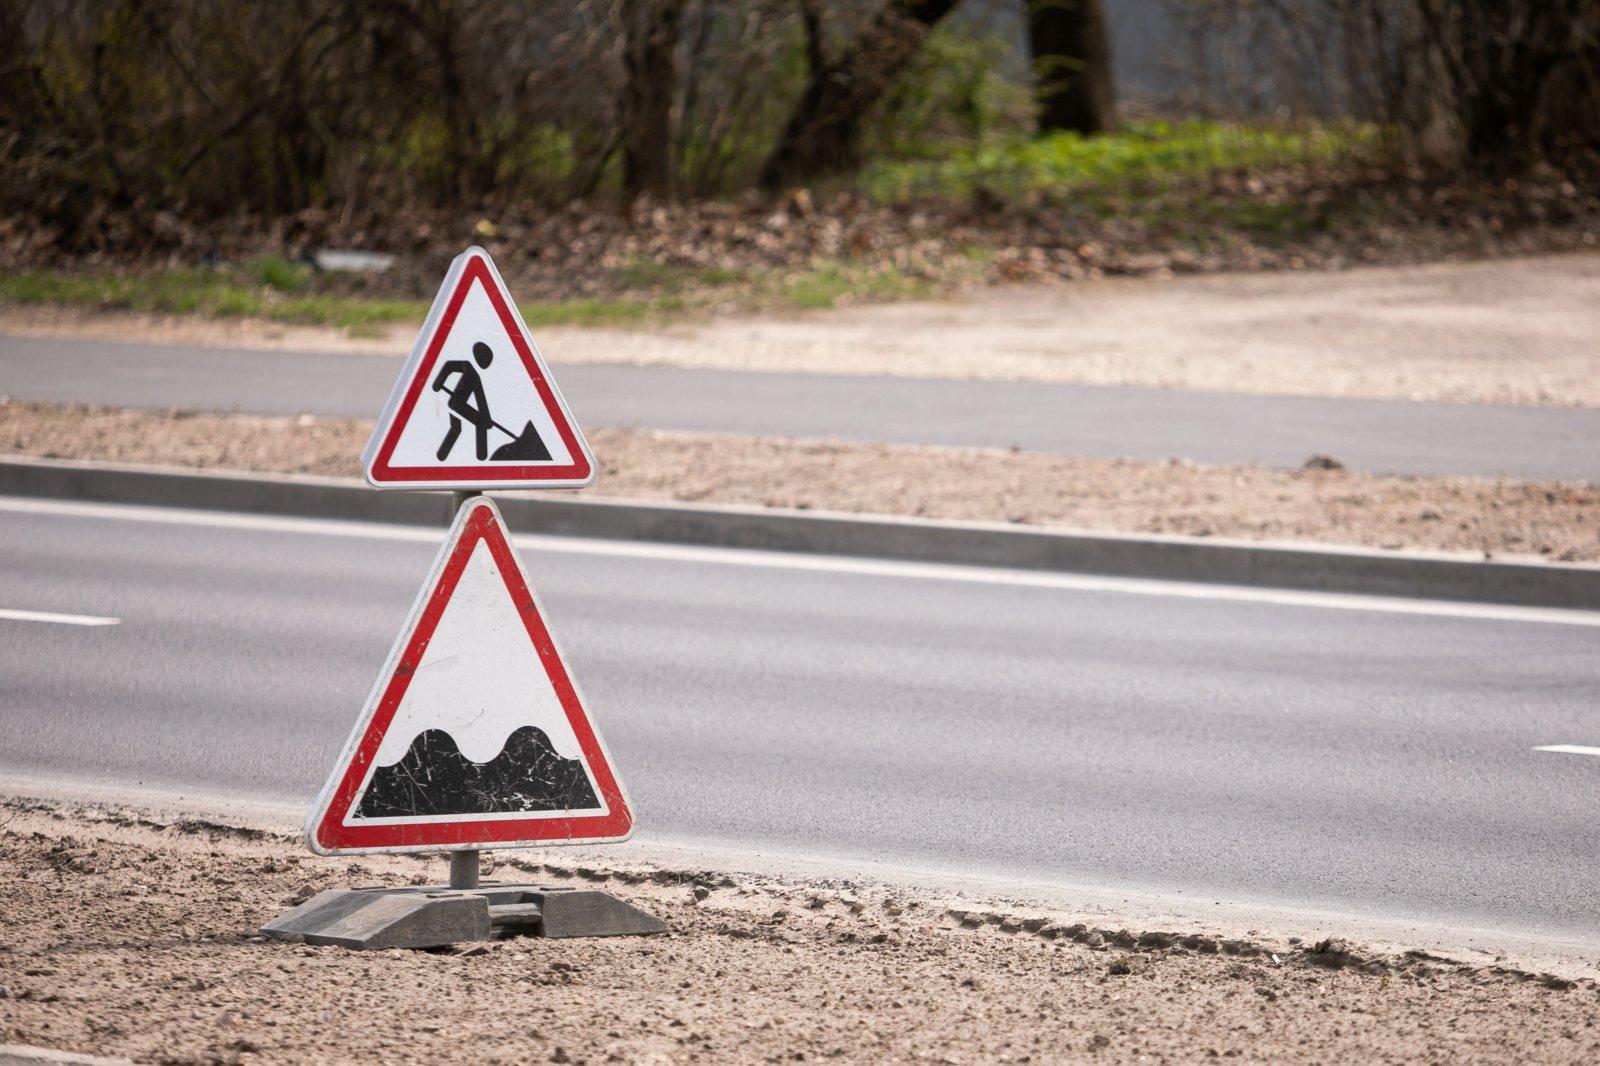 Vilniaus rajono savivaldybė prisidės prie valstybinės reikšmės kelių infrastruktūros gerinimo